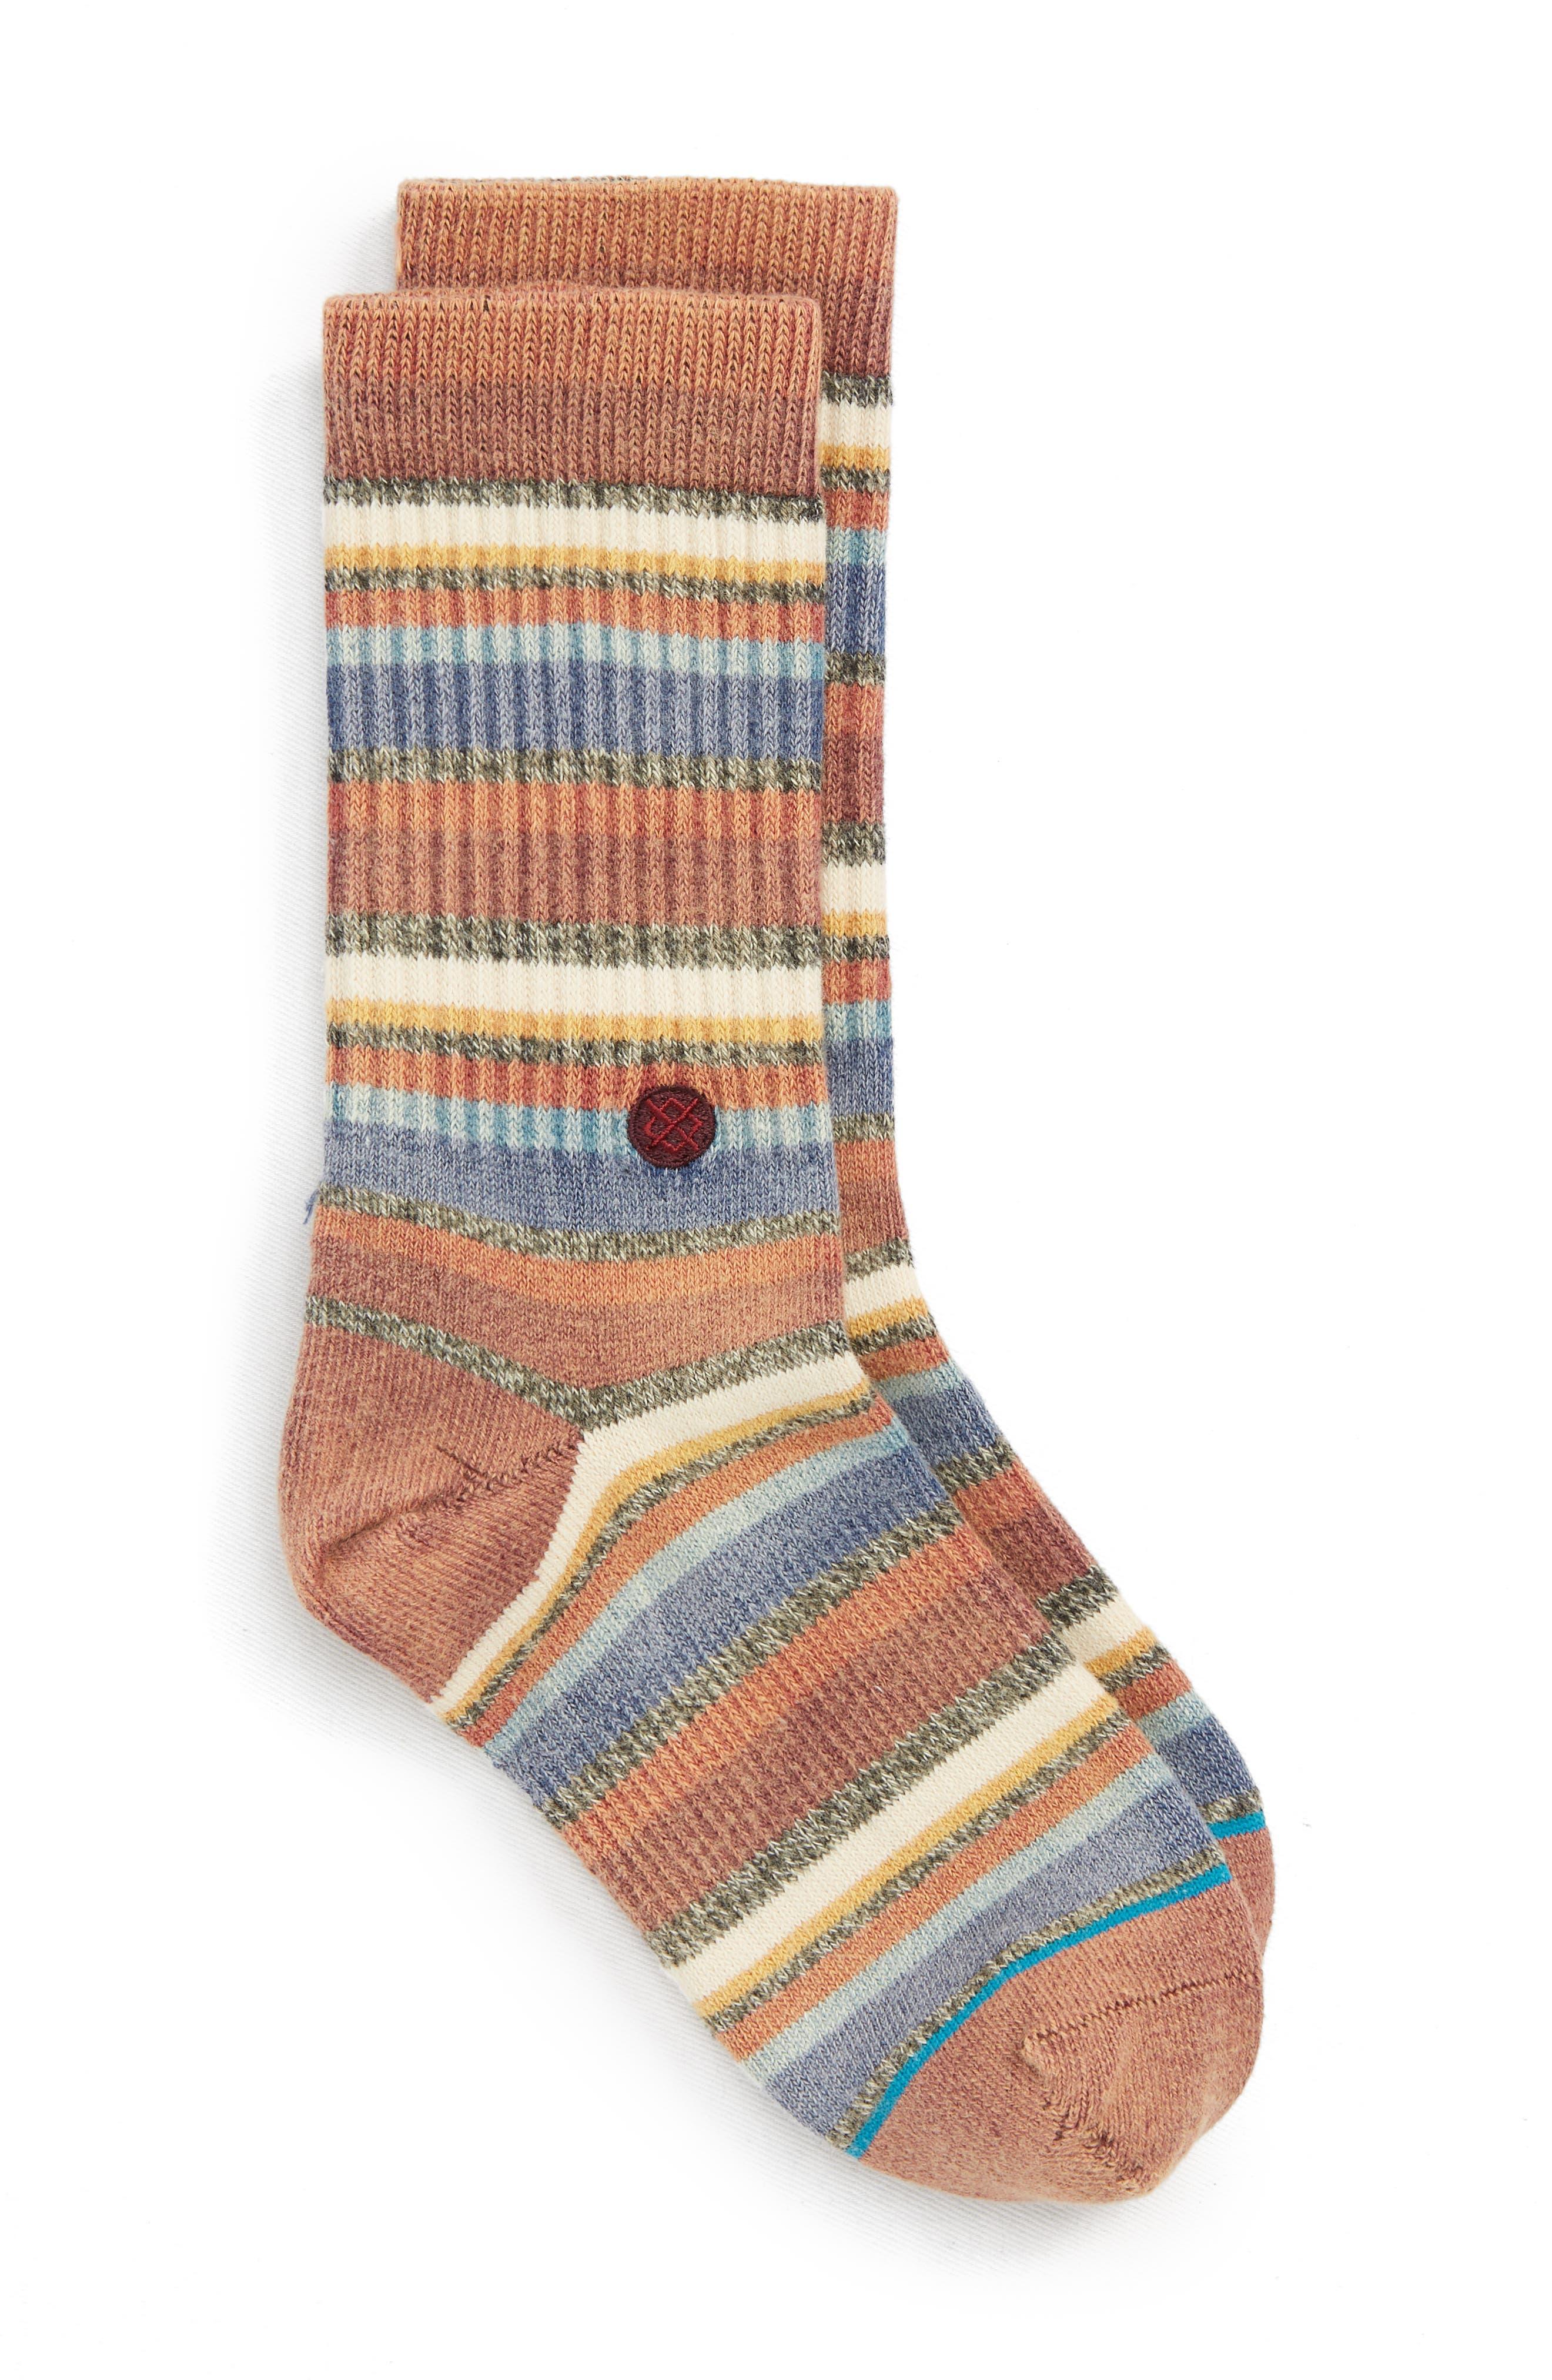 Riot Striped Socks,                             Main thumbnail 1, color,                             MAROON